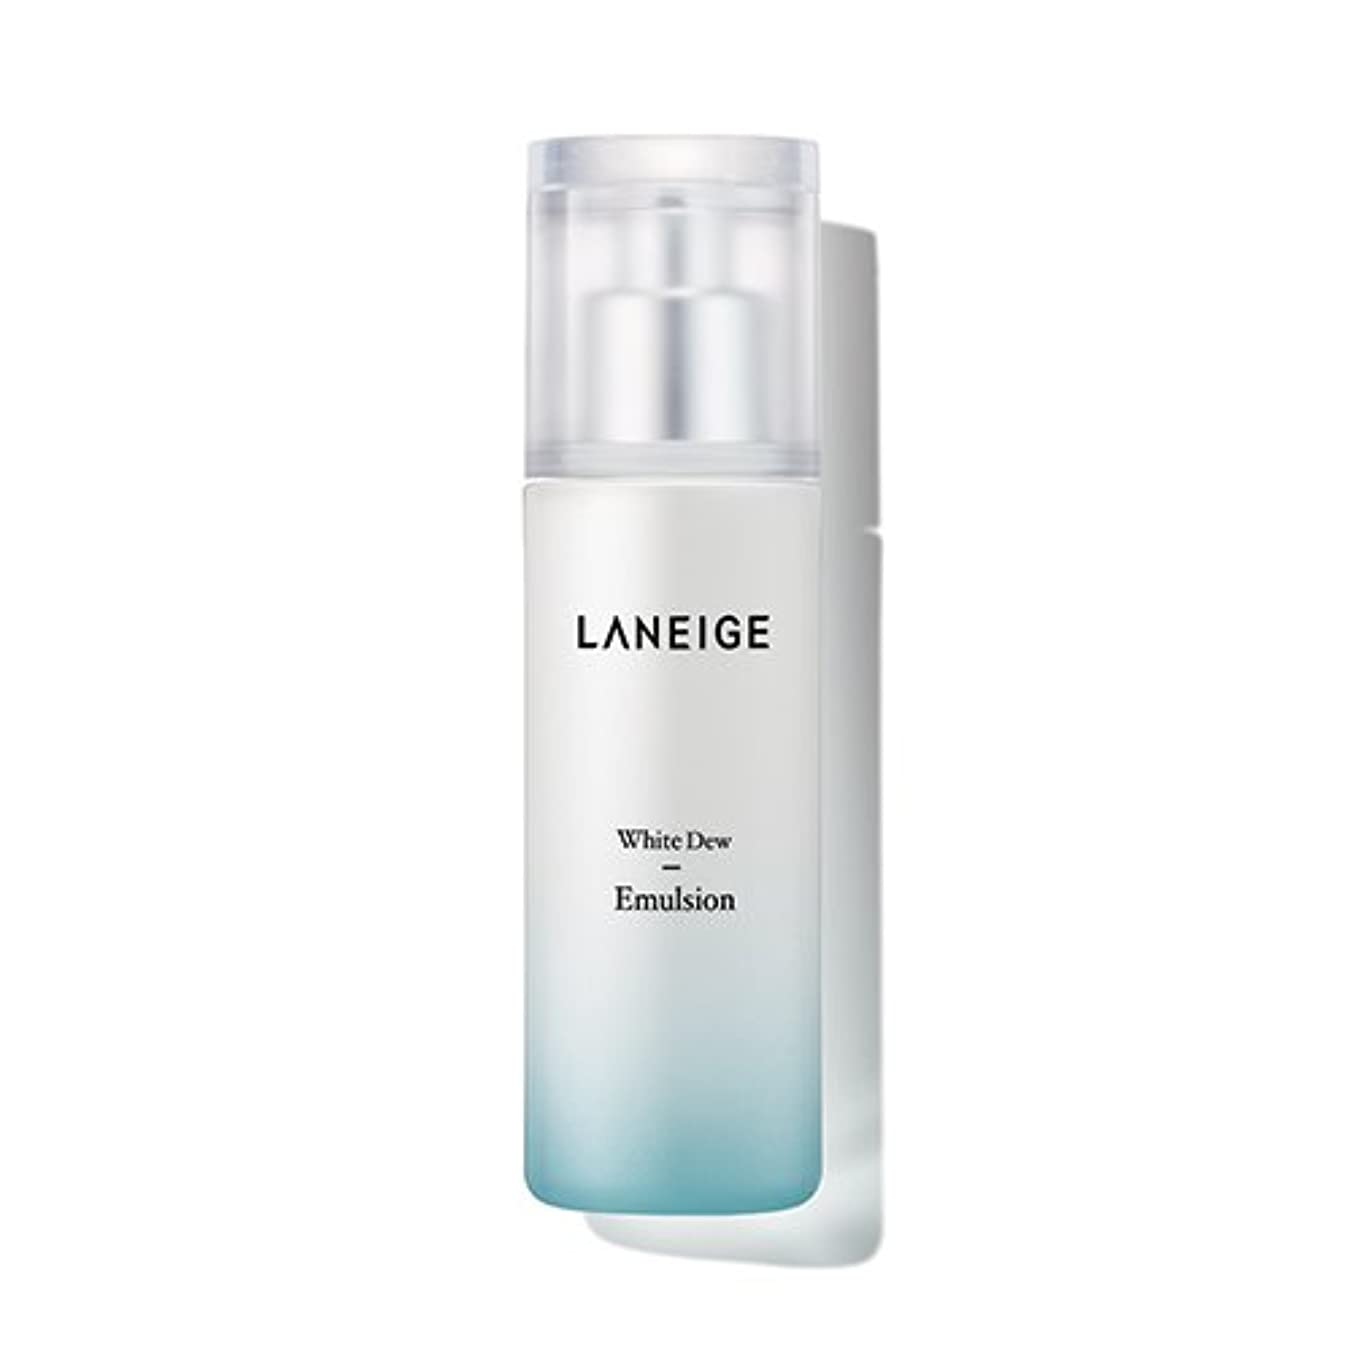 階段グローニンニク[ラネージュ] LANEIGE ホワイトデューエマルジョン White Dew Emulsion(海外直送品) [並行輸入品]